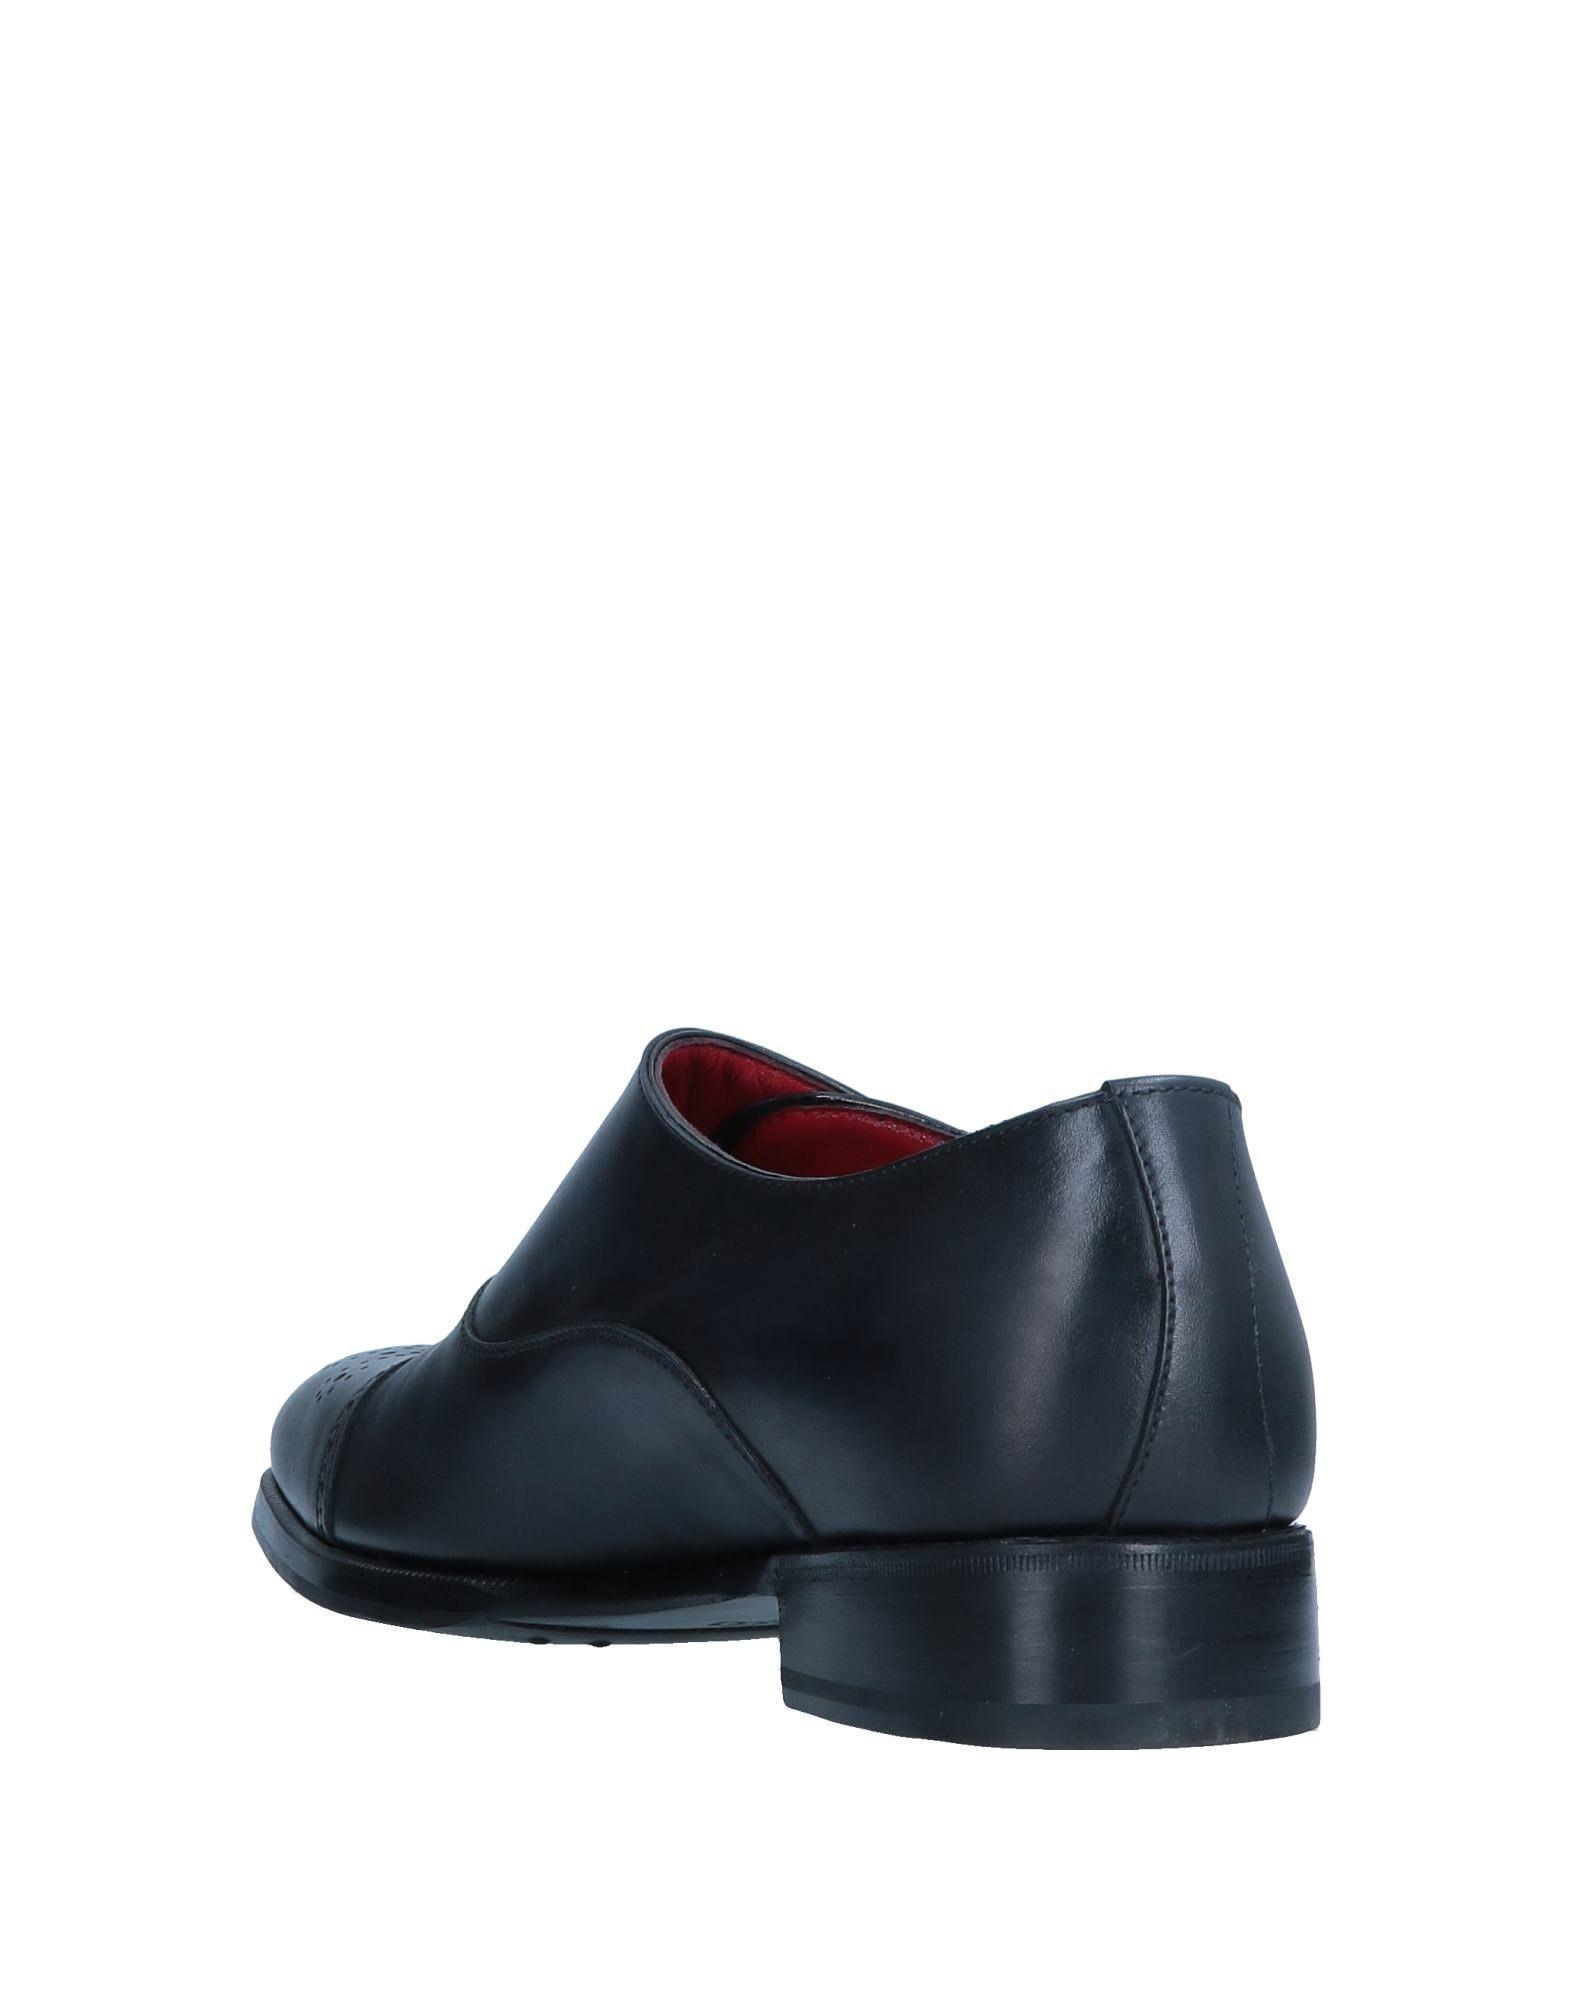 Barrett Mokassins Herren beliebte  11319168JS Gute Qualität beliebte Herren Schuhe 865874